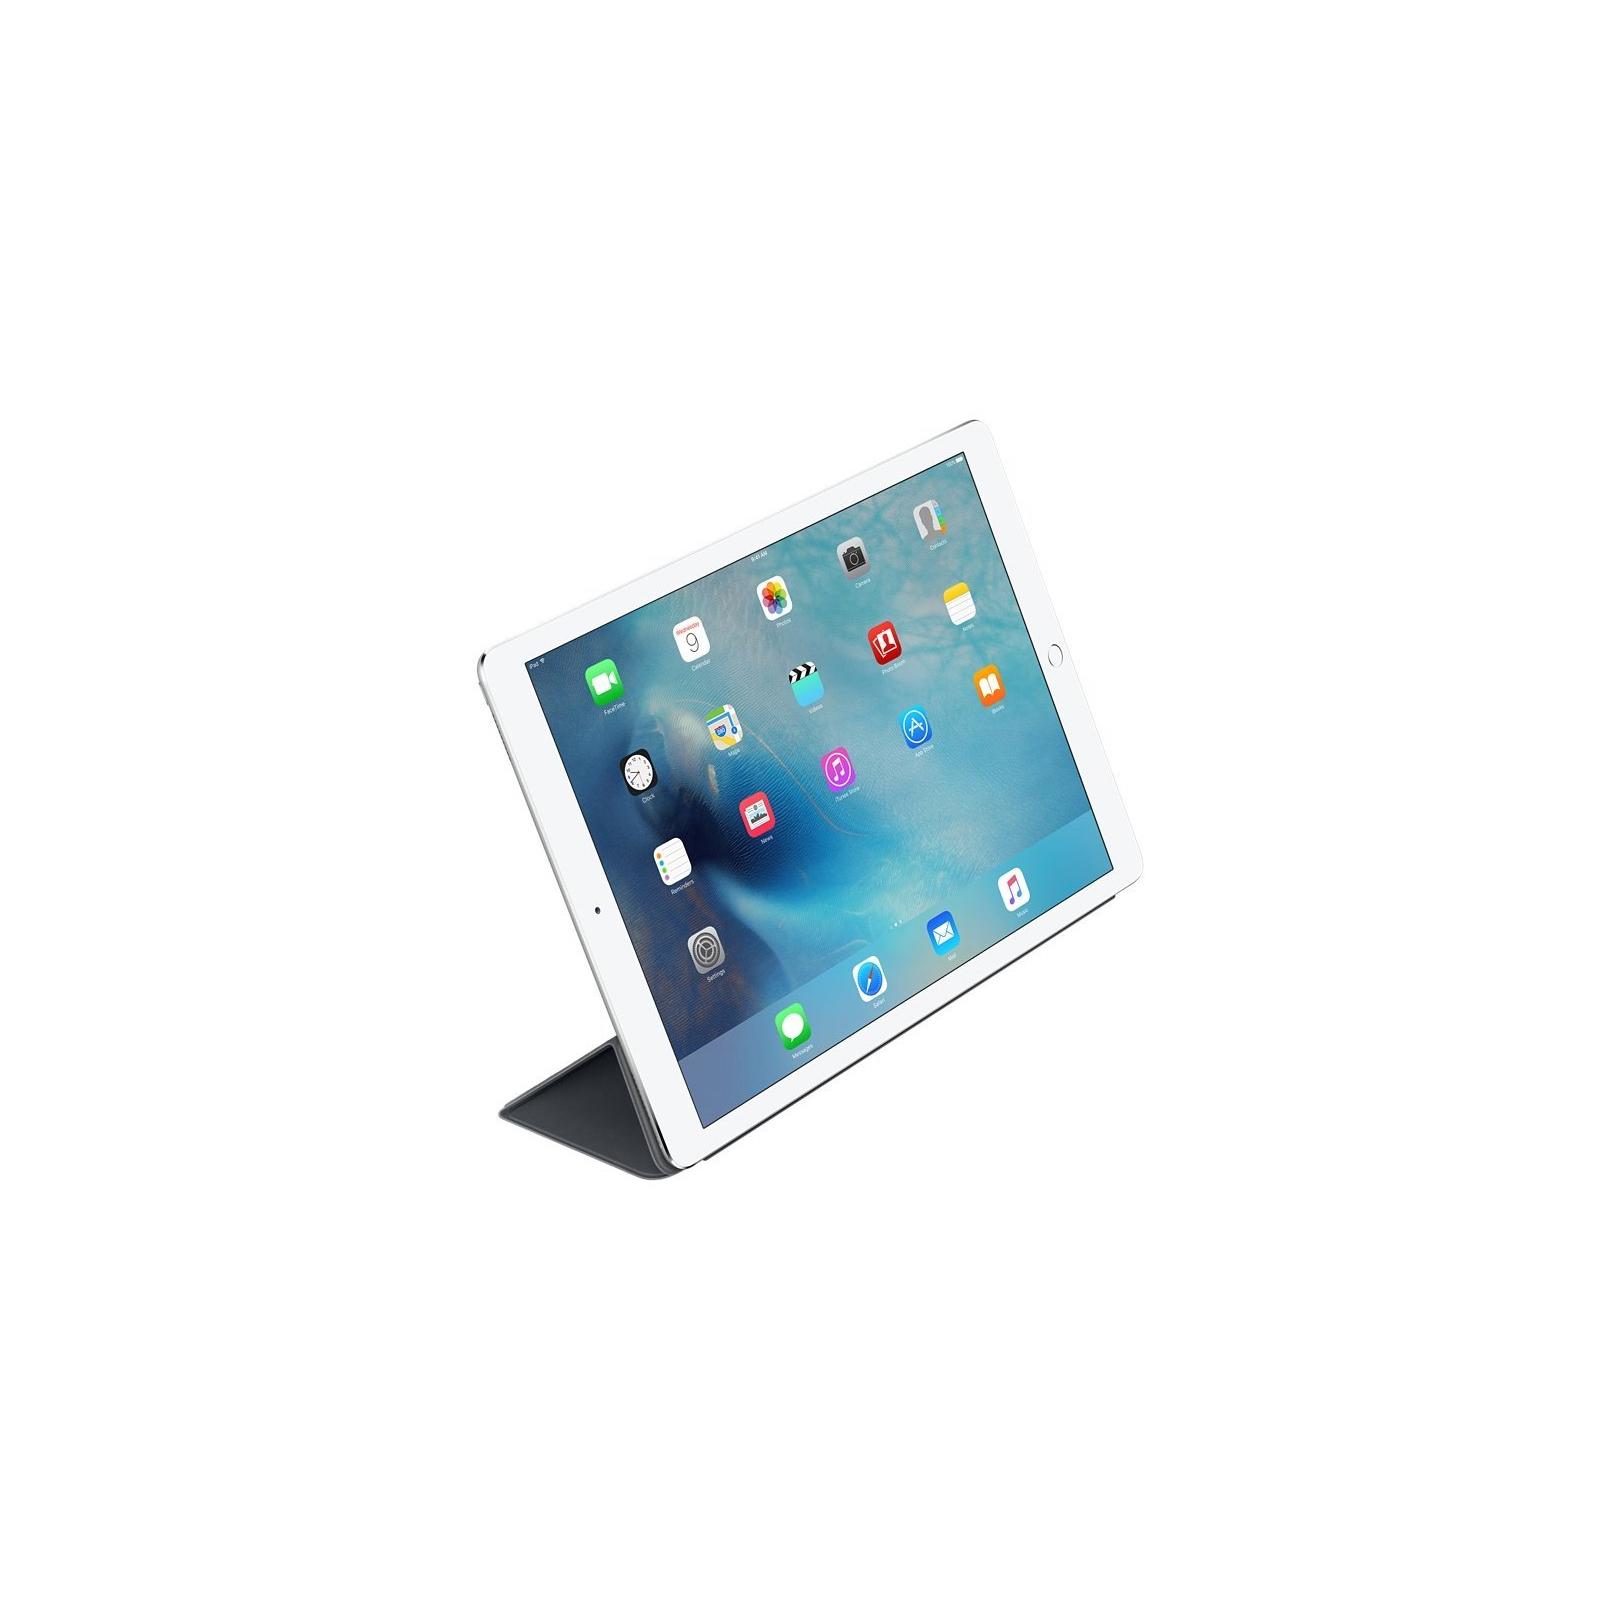 Чехол для планшета Apple Smart Cover для iPad Pro Charcoal Gray (MK0L2ZM/A) изображение 5